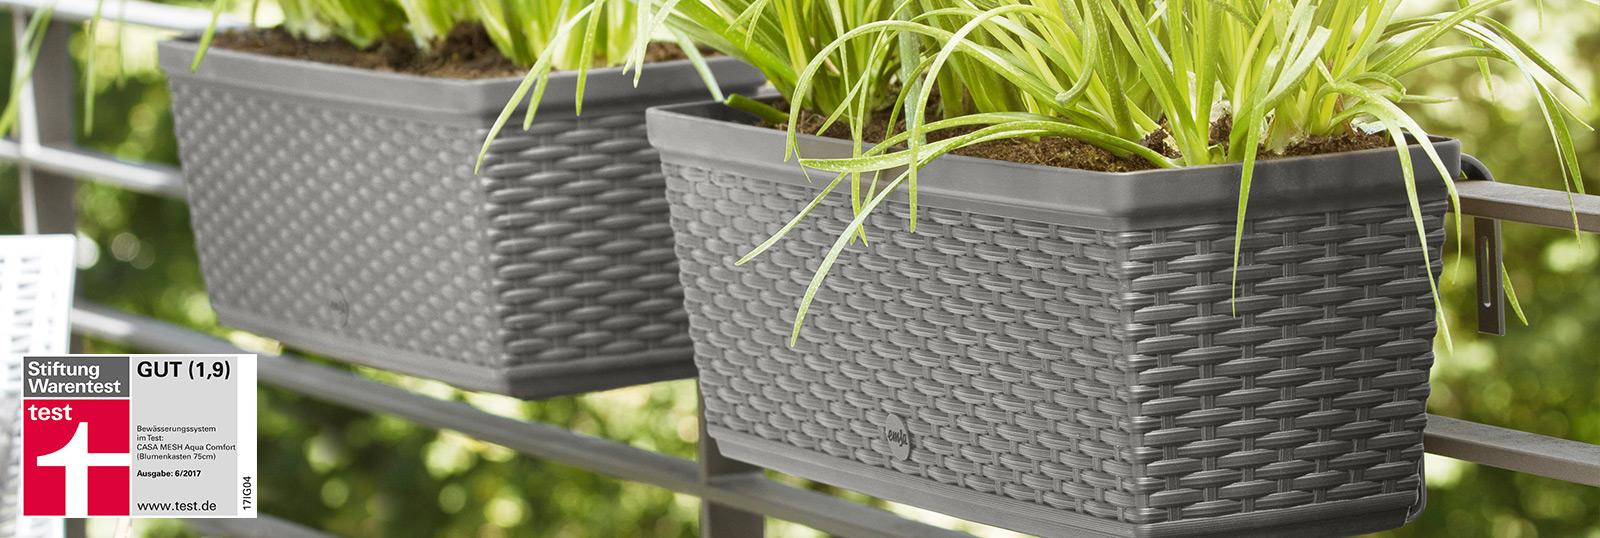 Full Size of Bewässerung Balkon Blumenksten Bewässerungssysteme Garten Bewässerungssystem Automatisch Test Wohnzimmer Bewässerung Balkon